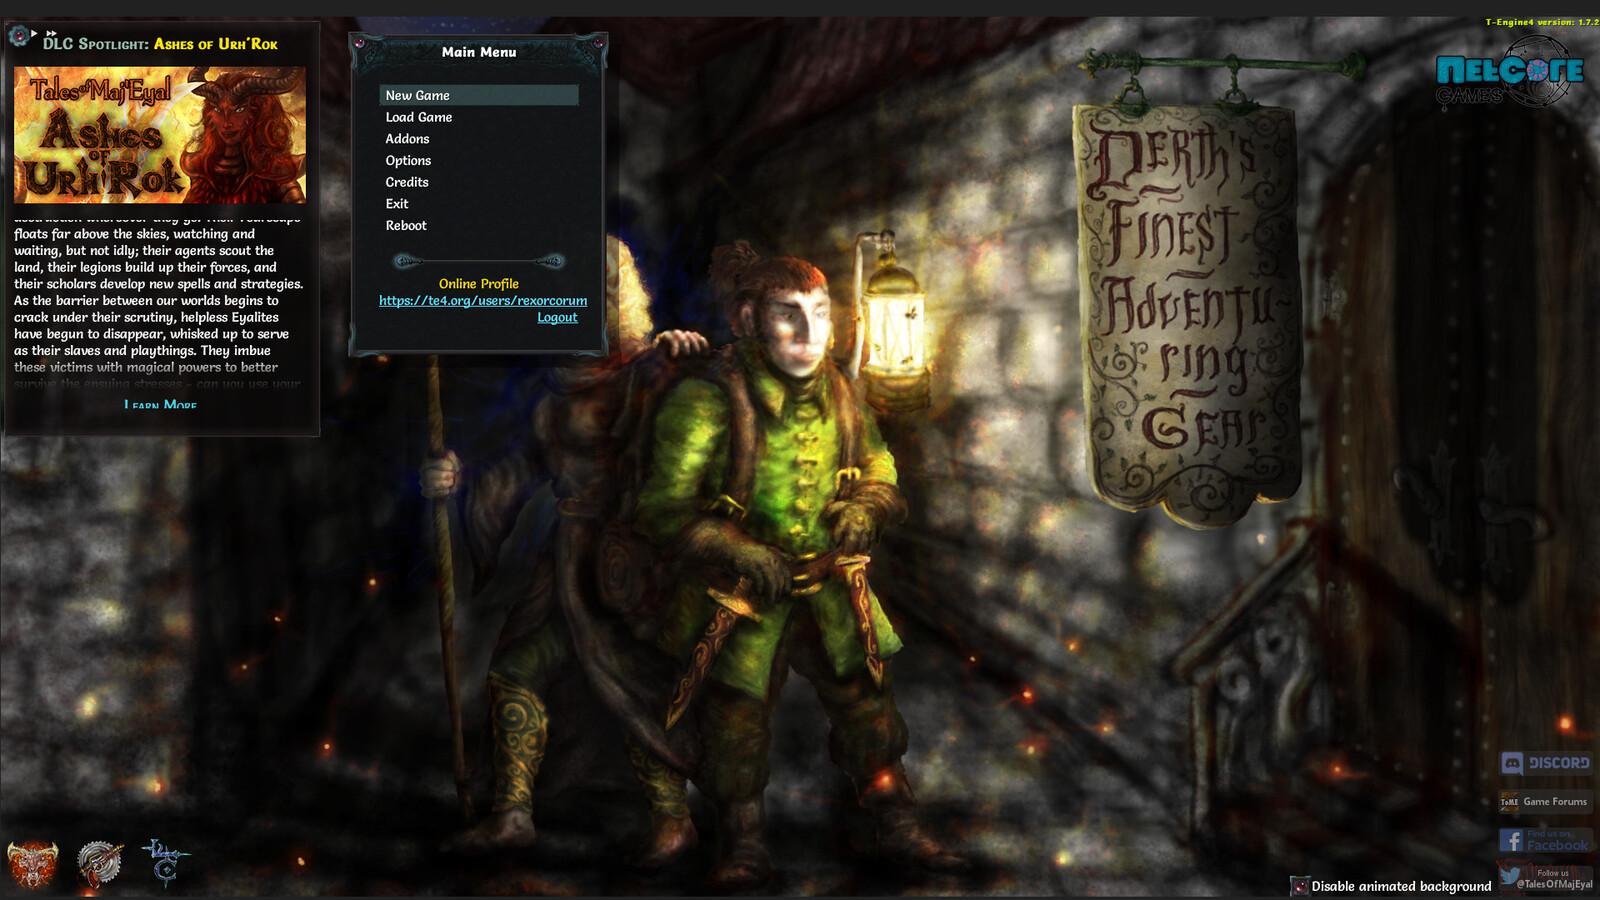 Basalt Spectre UI ingame